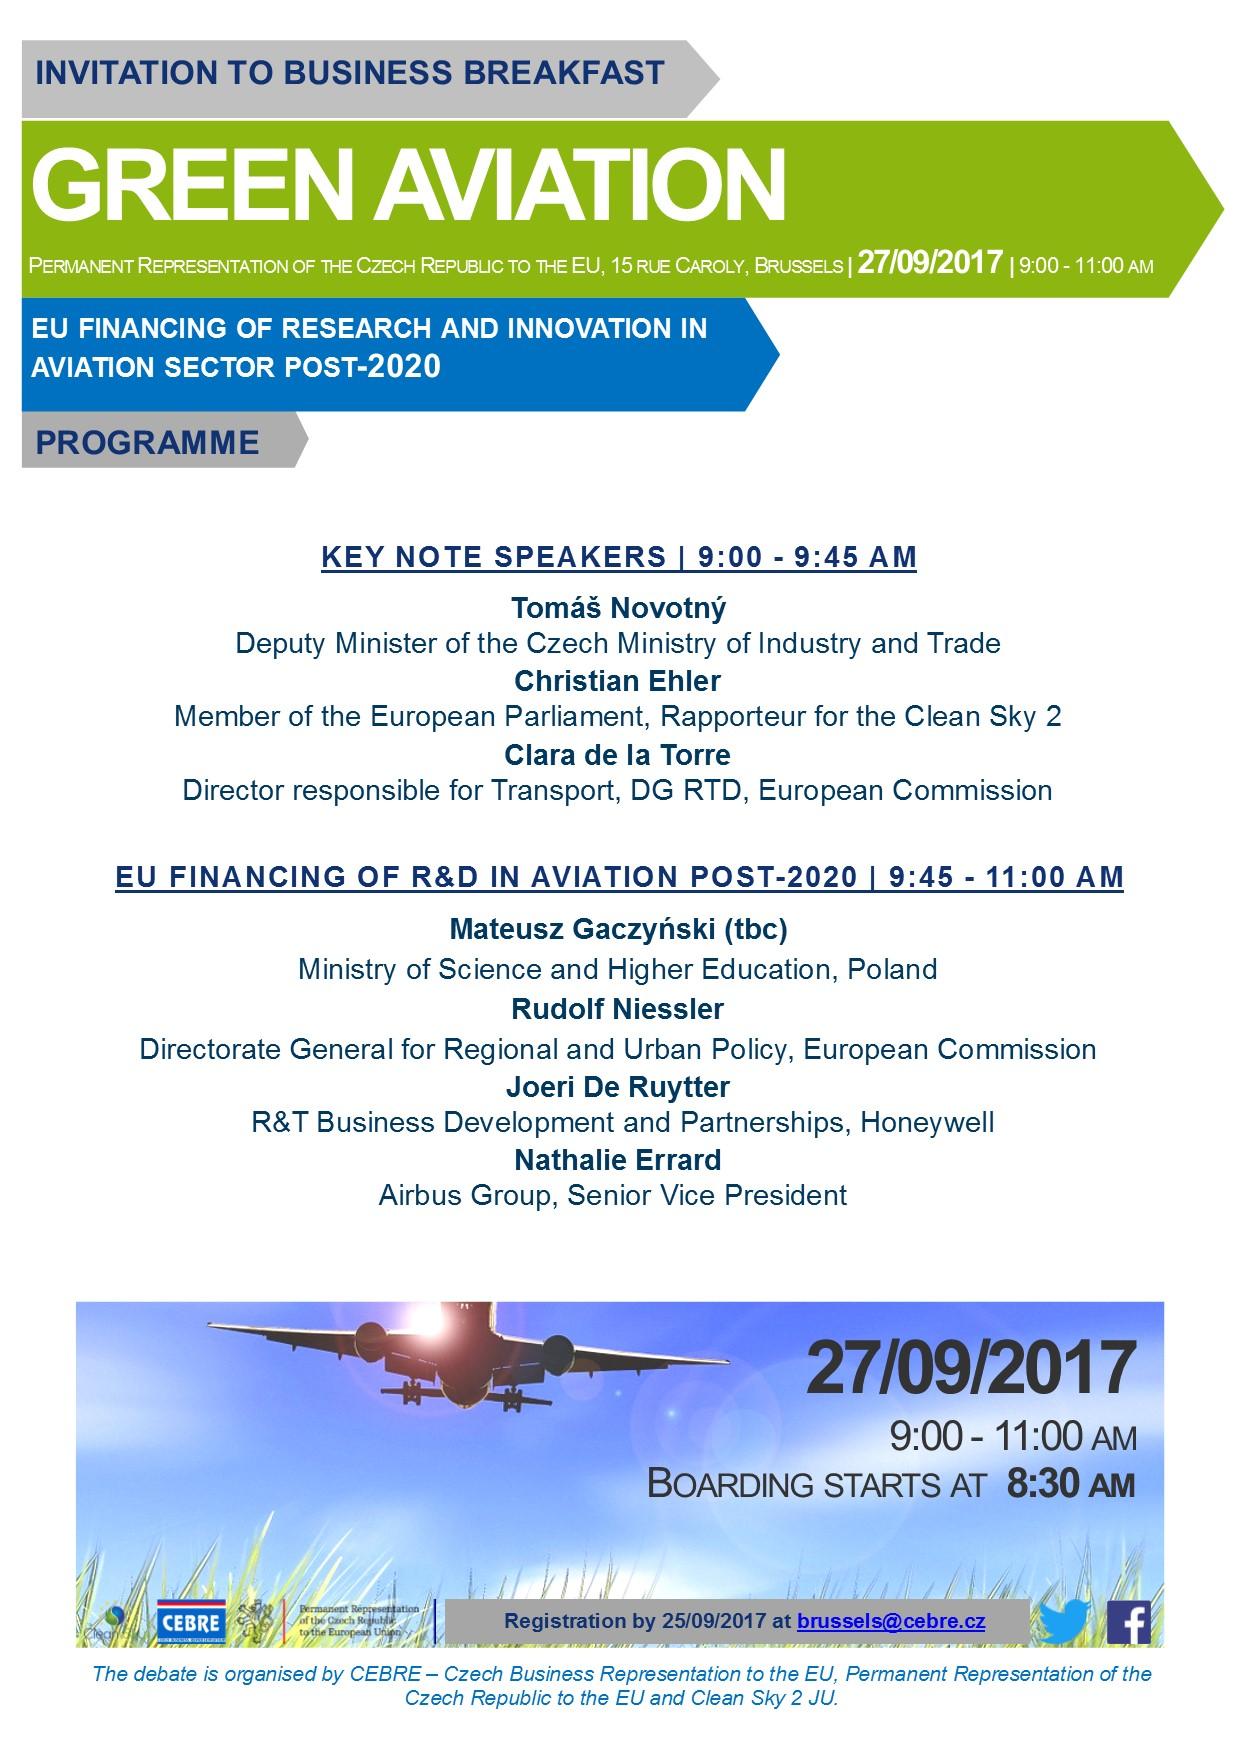 invitation_green_aviation_2.jpg